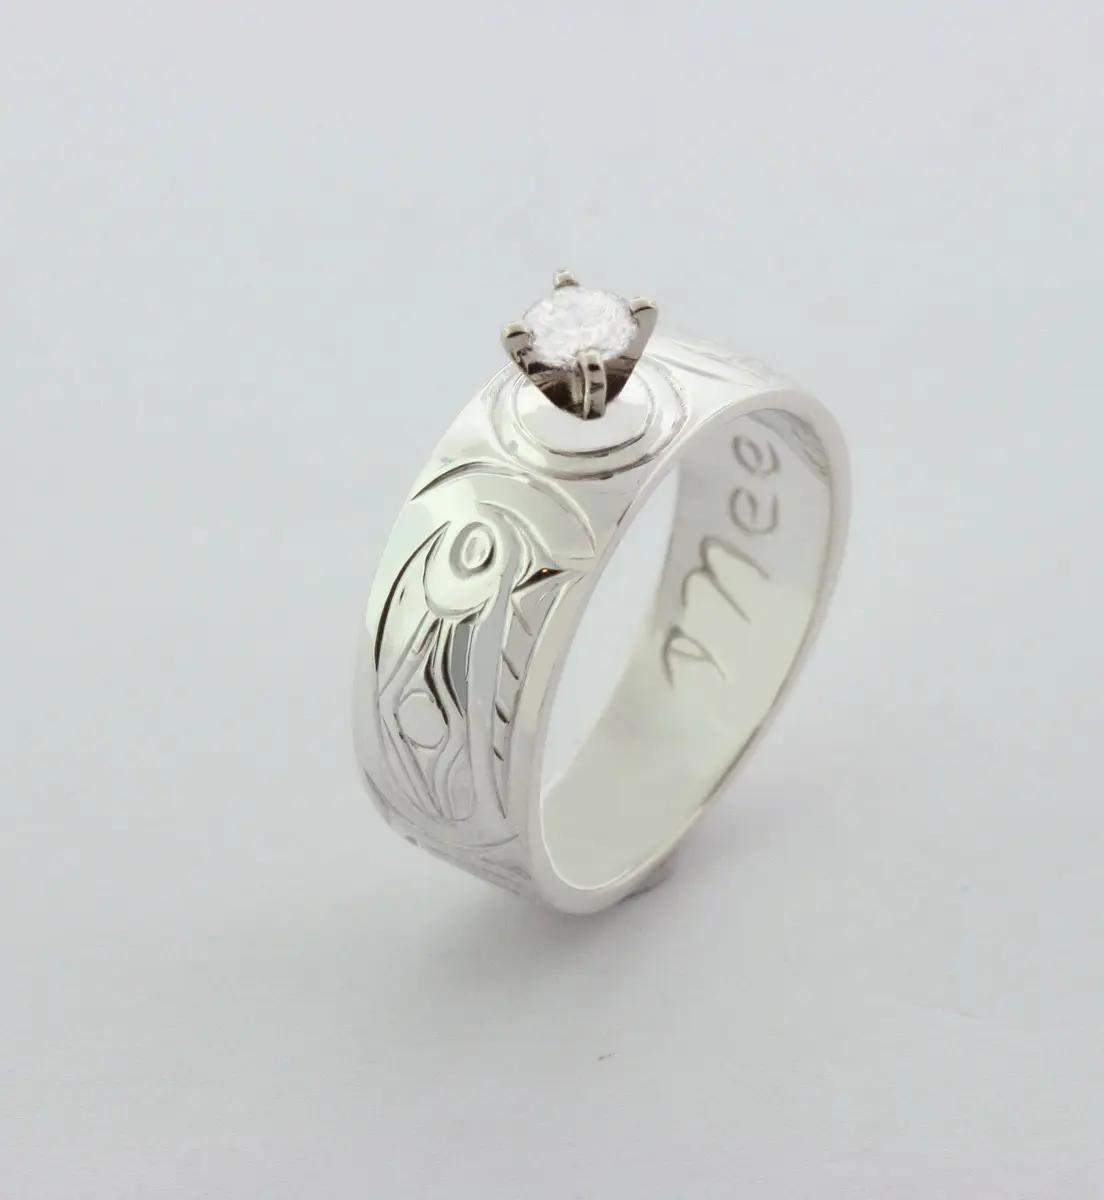 Orca Ring, Silver & Diamond